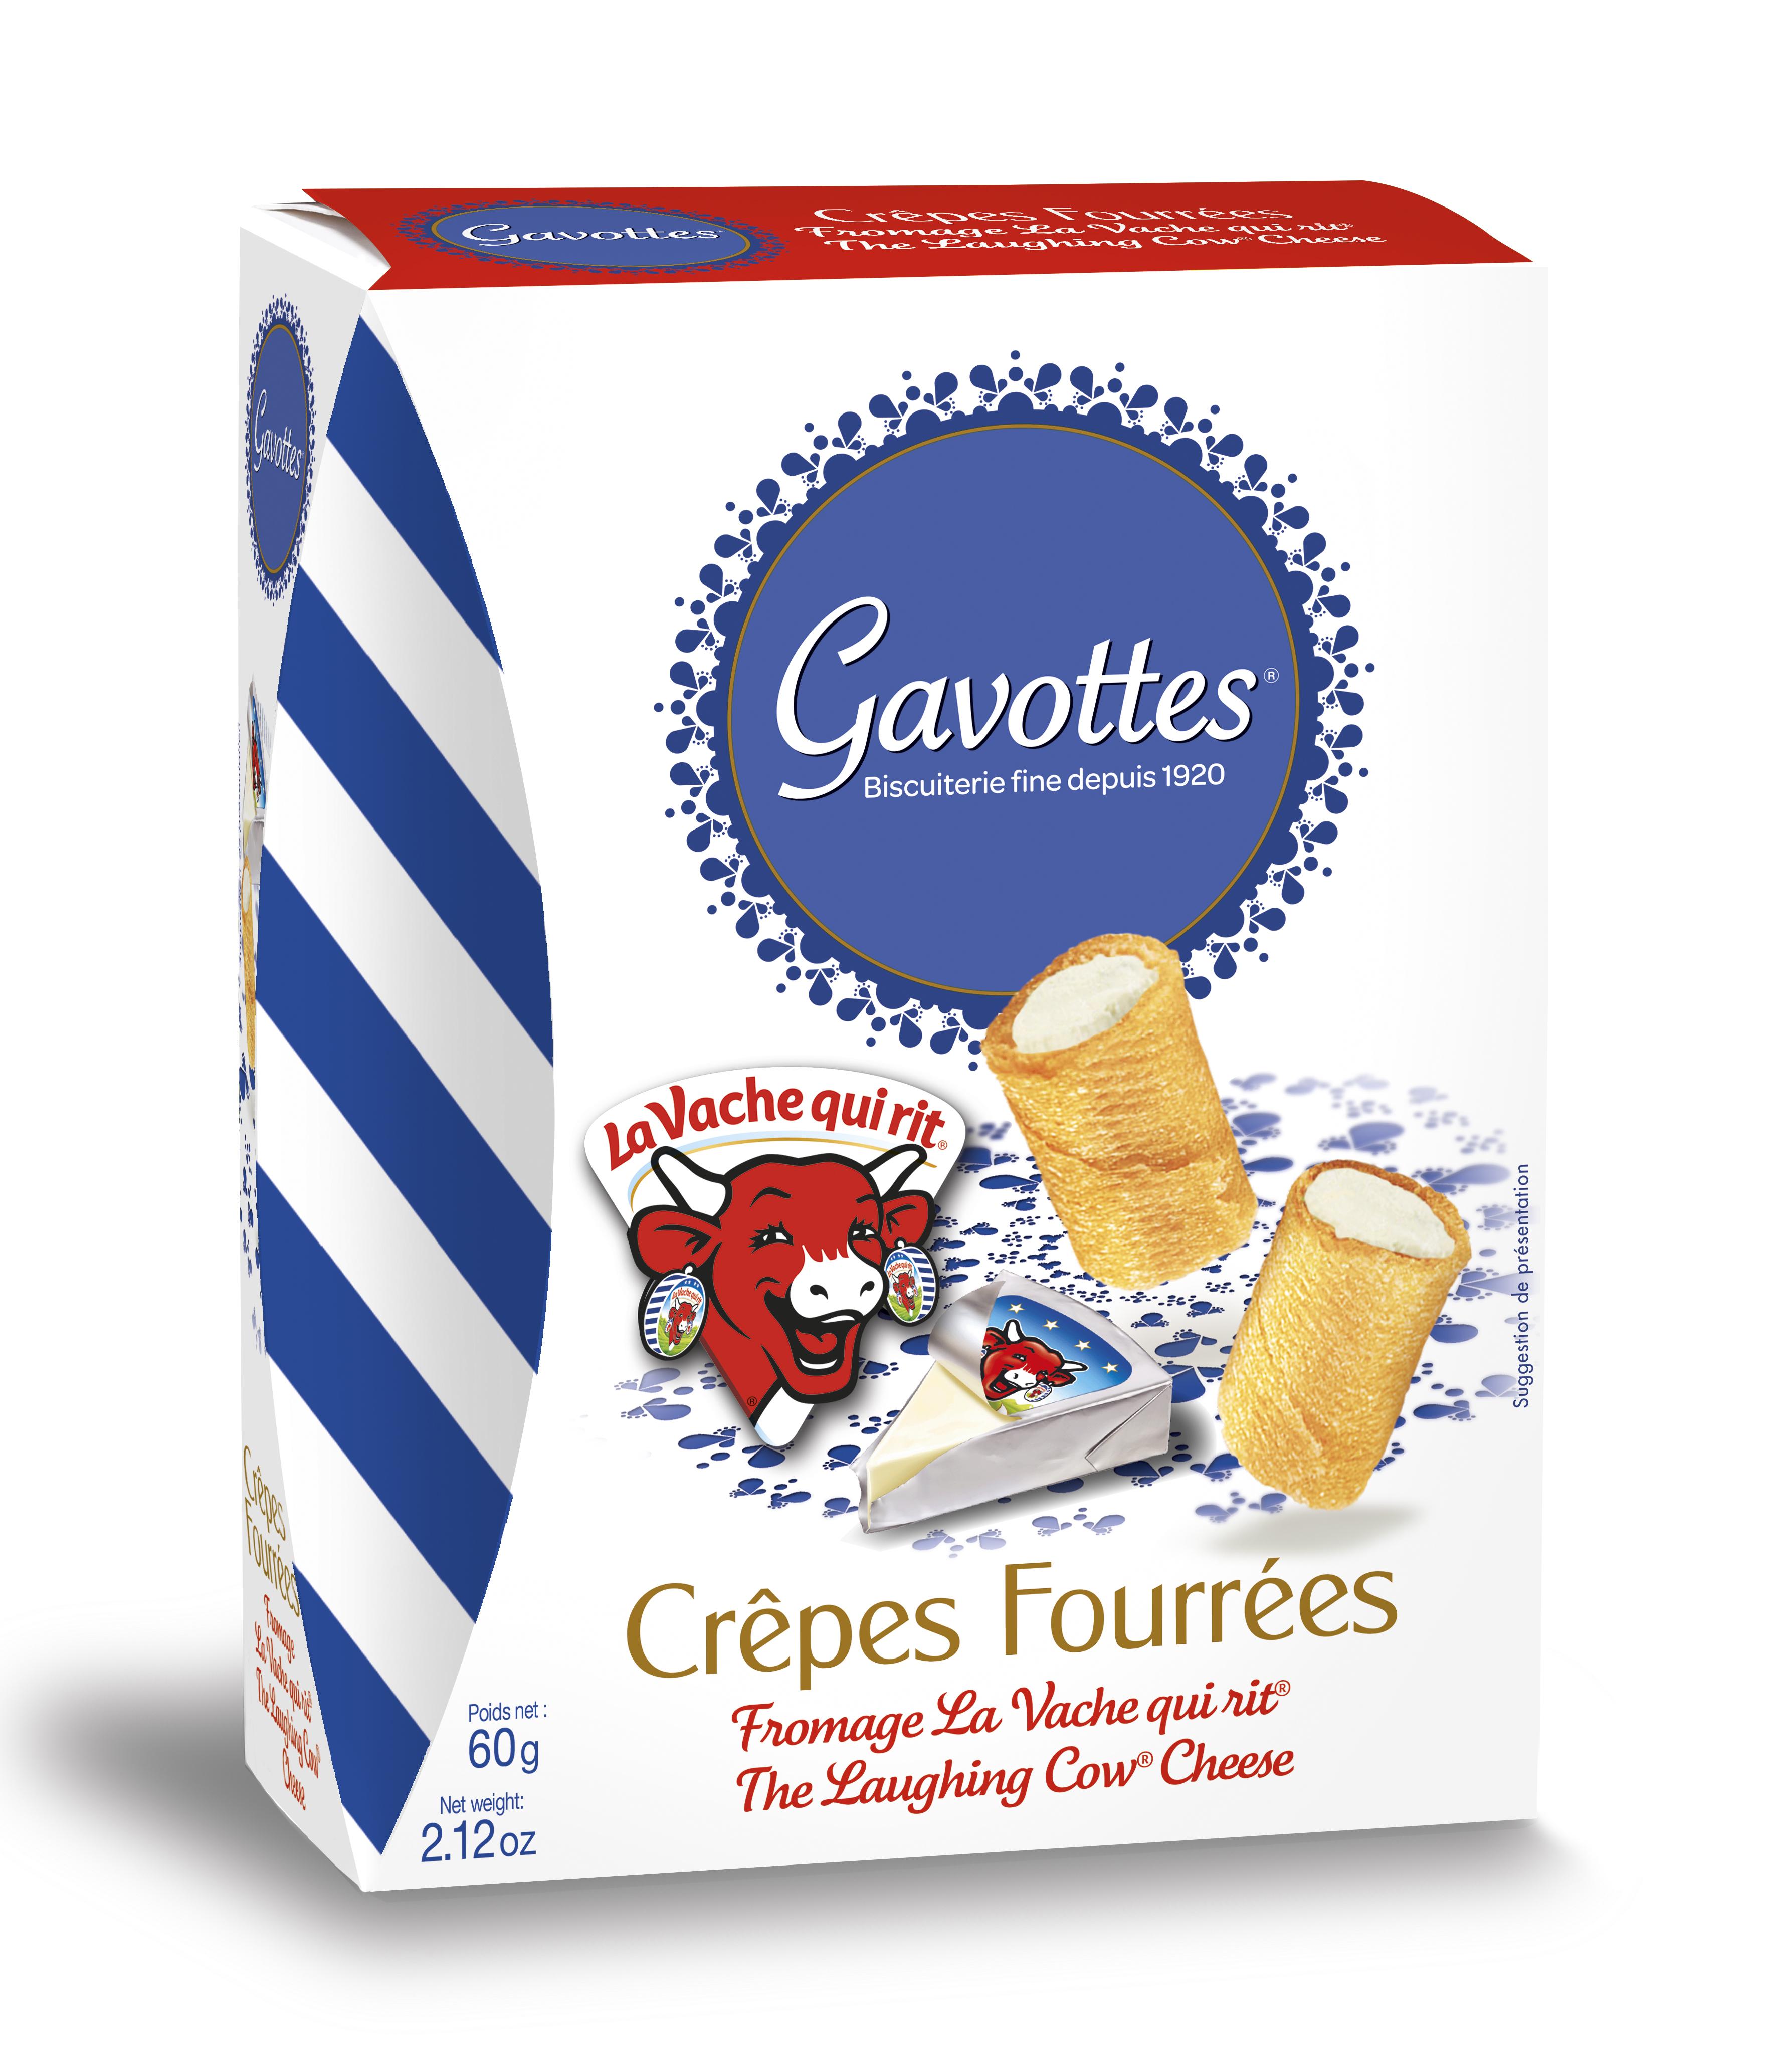 17/ Crêpes fylte med Vache Qui Rit, 60g - Gavottes